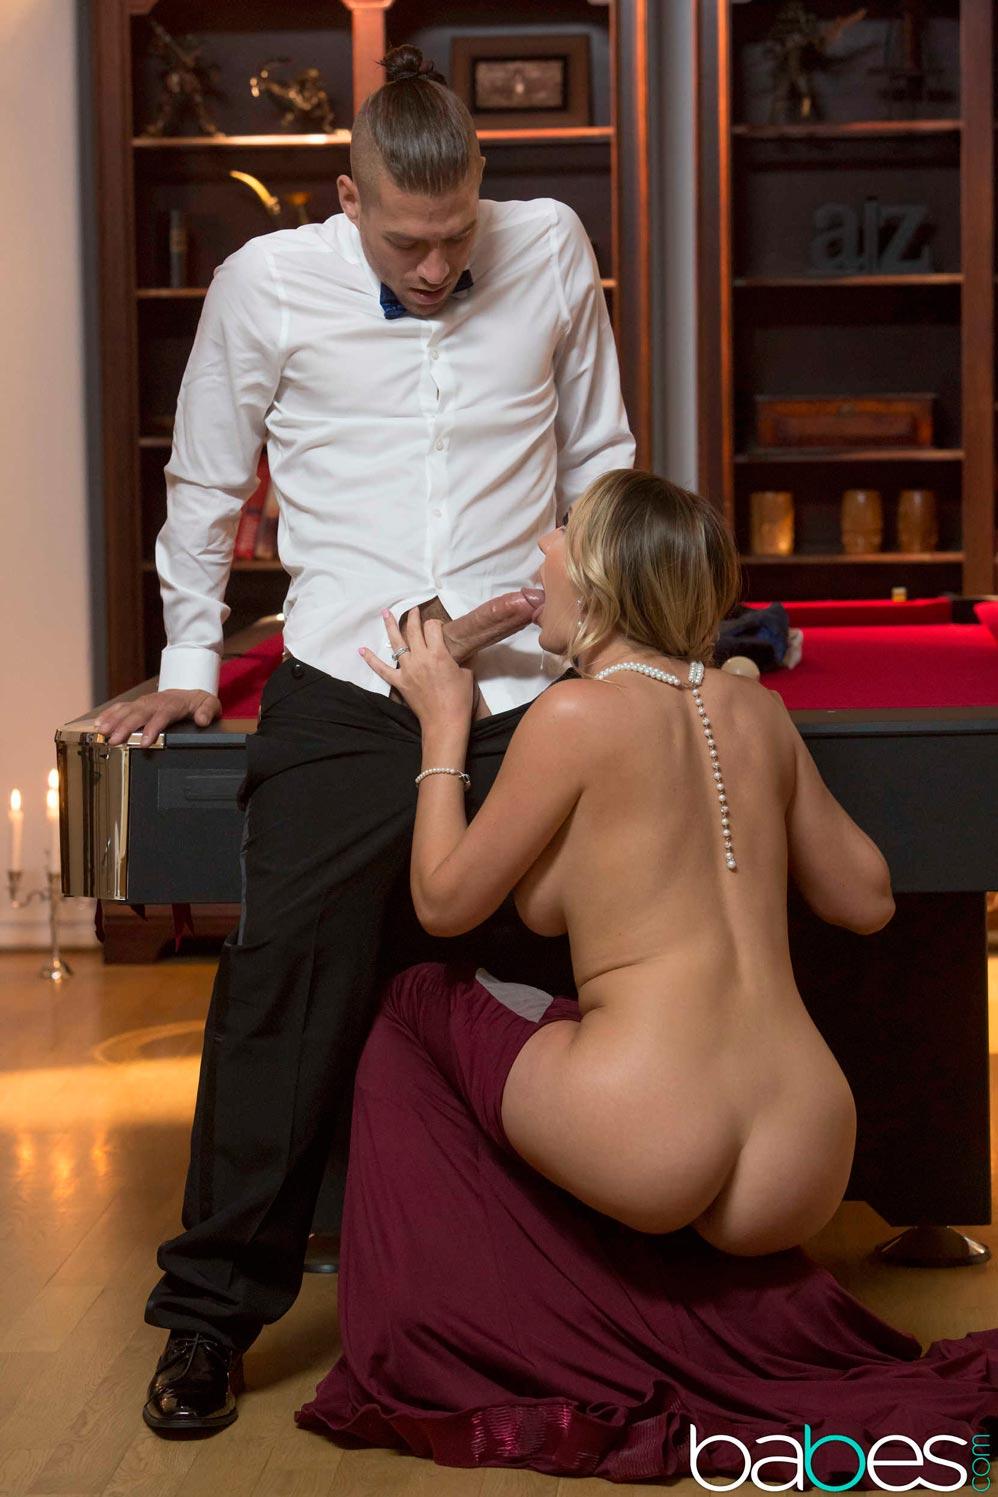 что угодно, порно в вечерних платьях онлайн это бабье, понимаете